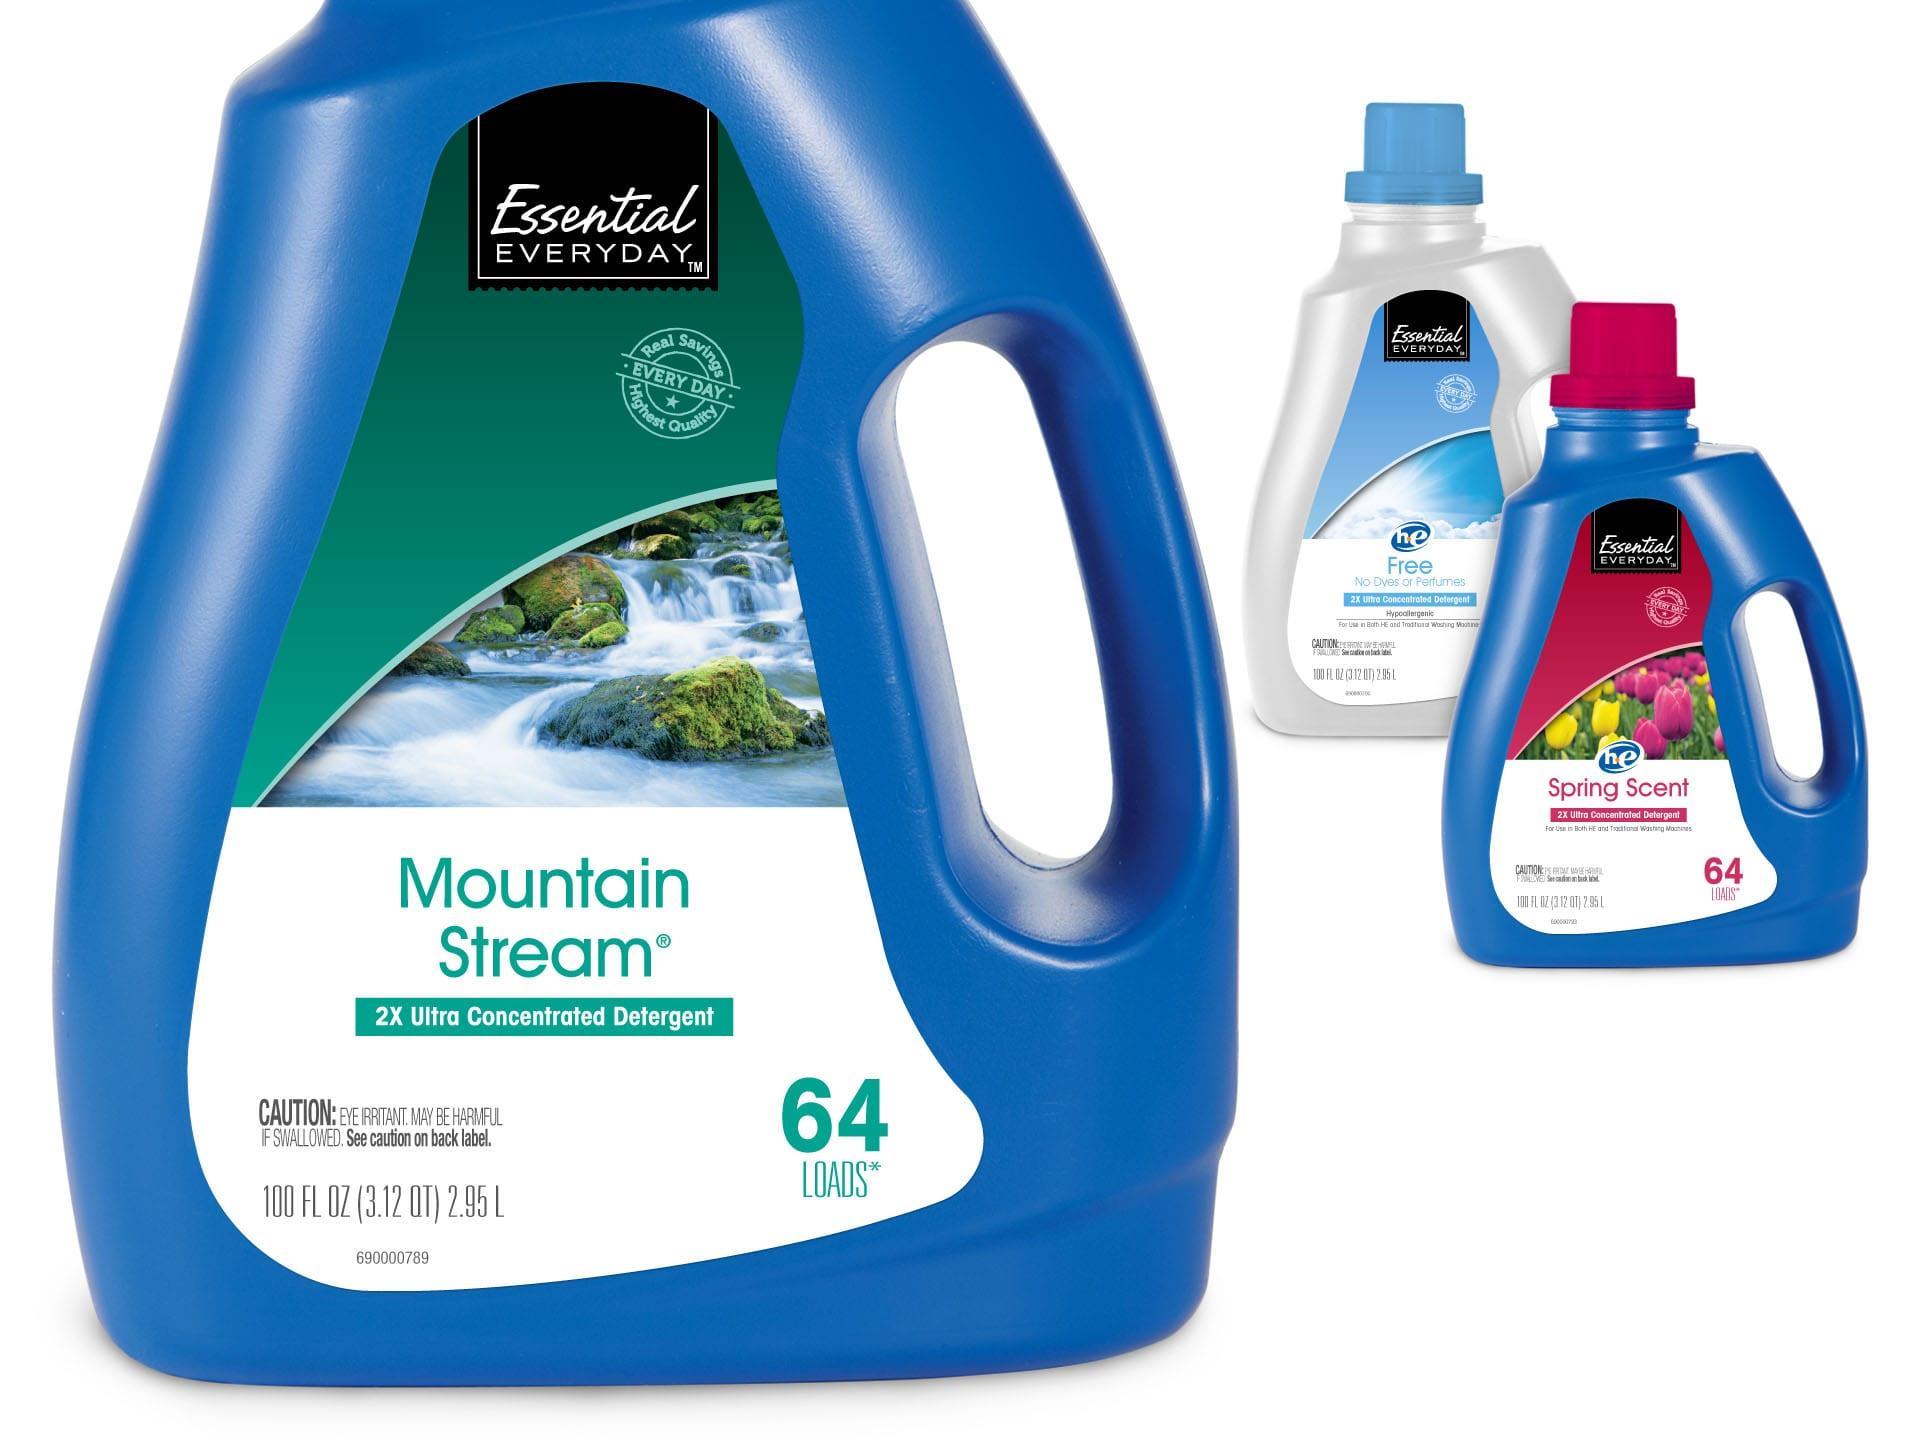 Essential Everyday Detergent